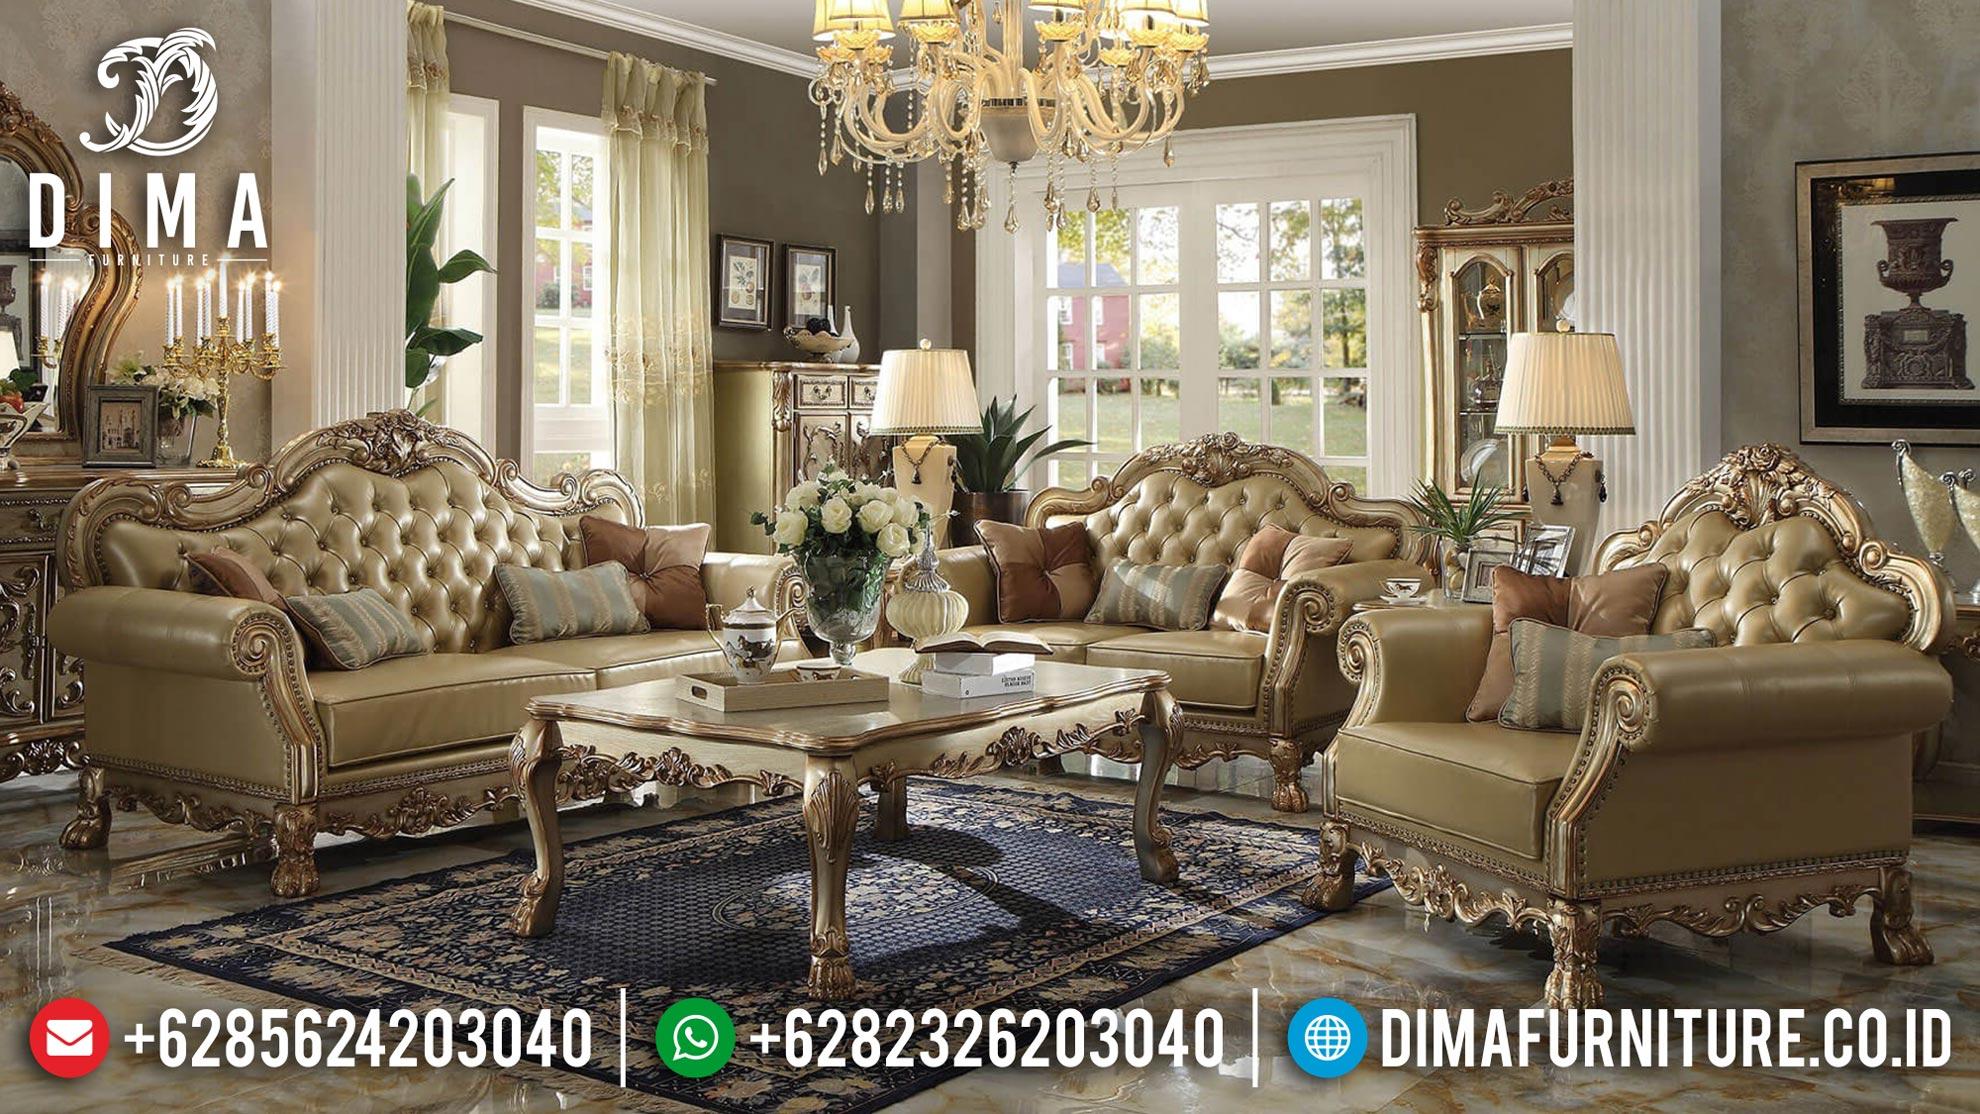 Kursi Sofa Ruang Tamu Mewah Ukiran Jepara Terbaru Harga Murah DF-0376